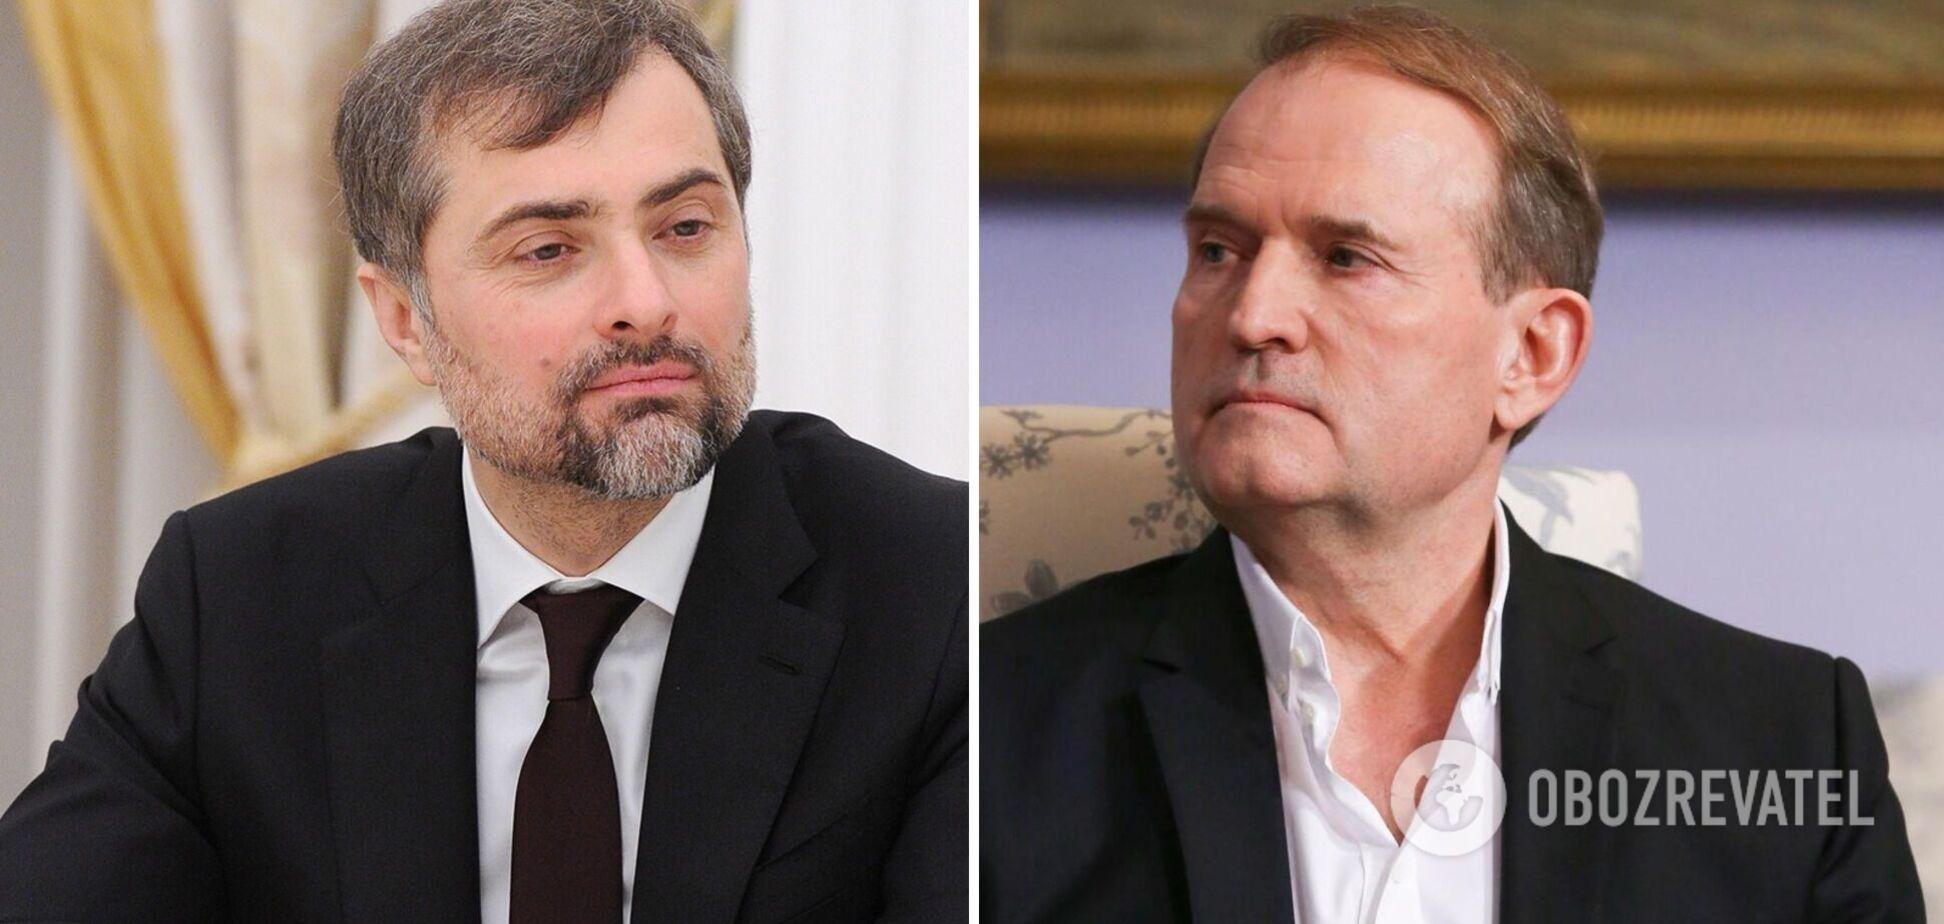 В сеть попали новые записи разговора Медведчука и Суркова